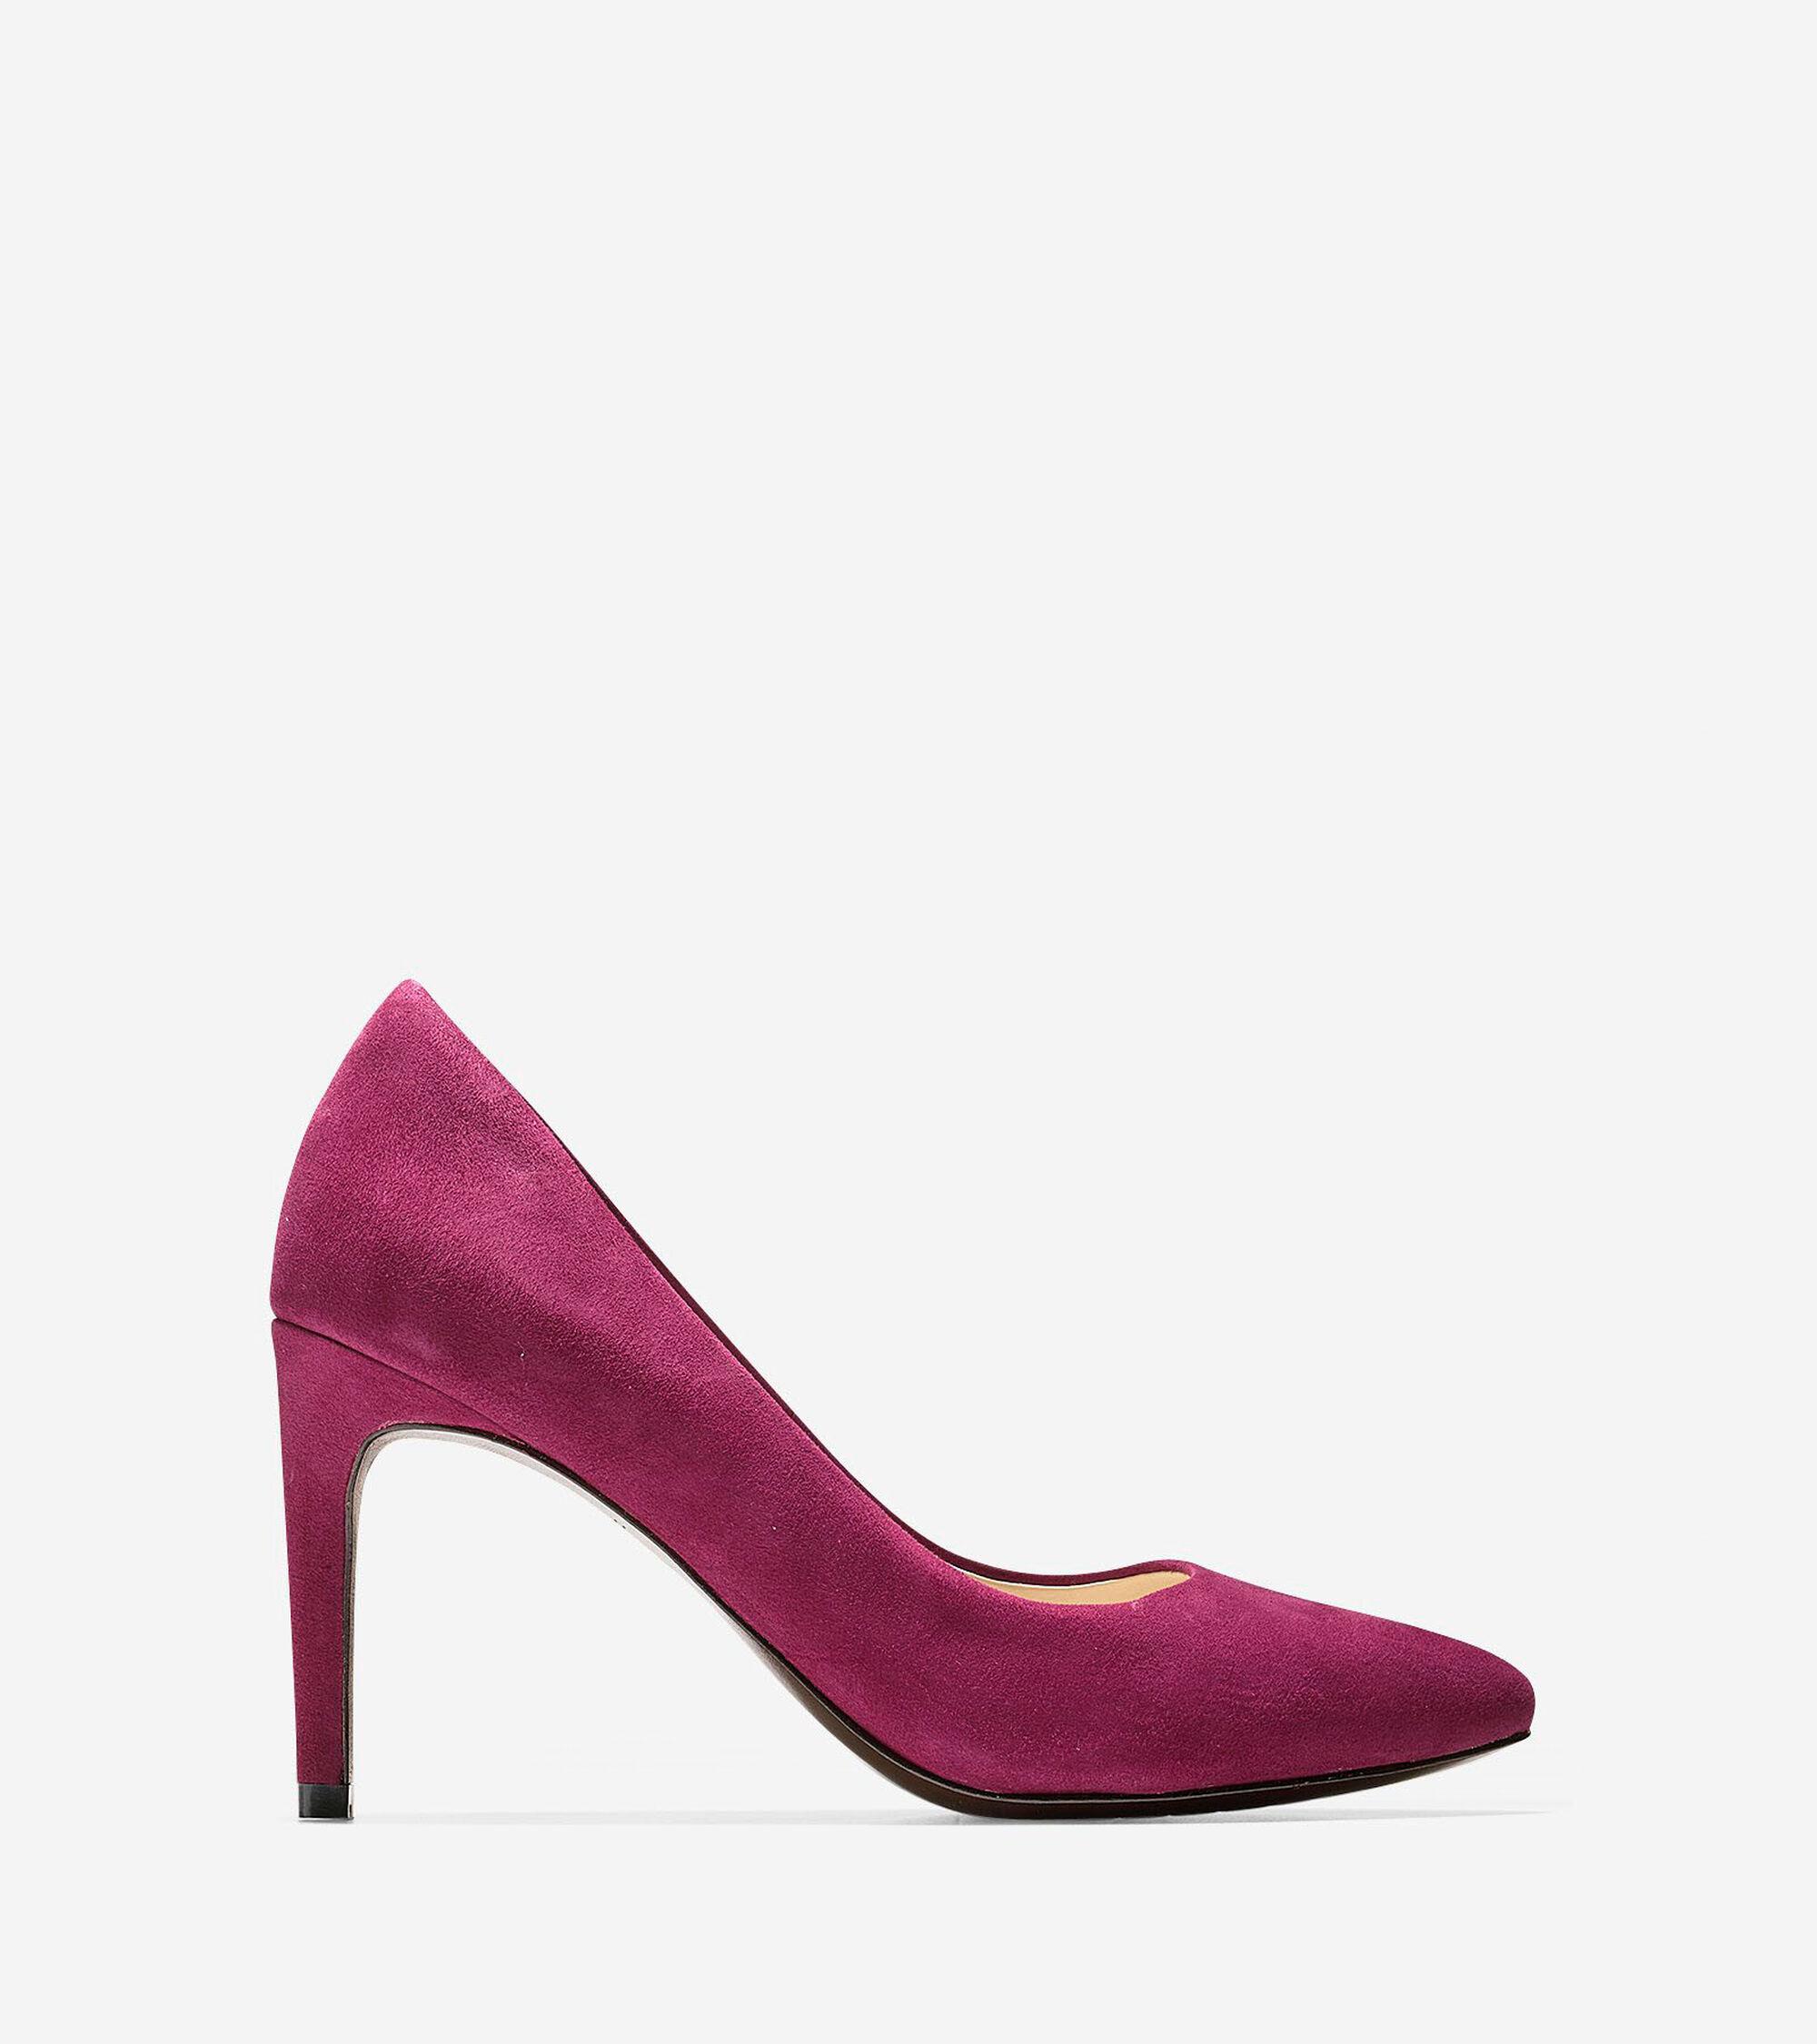 Women&39s Heels : Shoes | Cole Haan